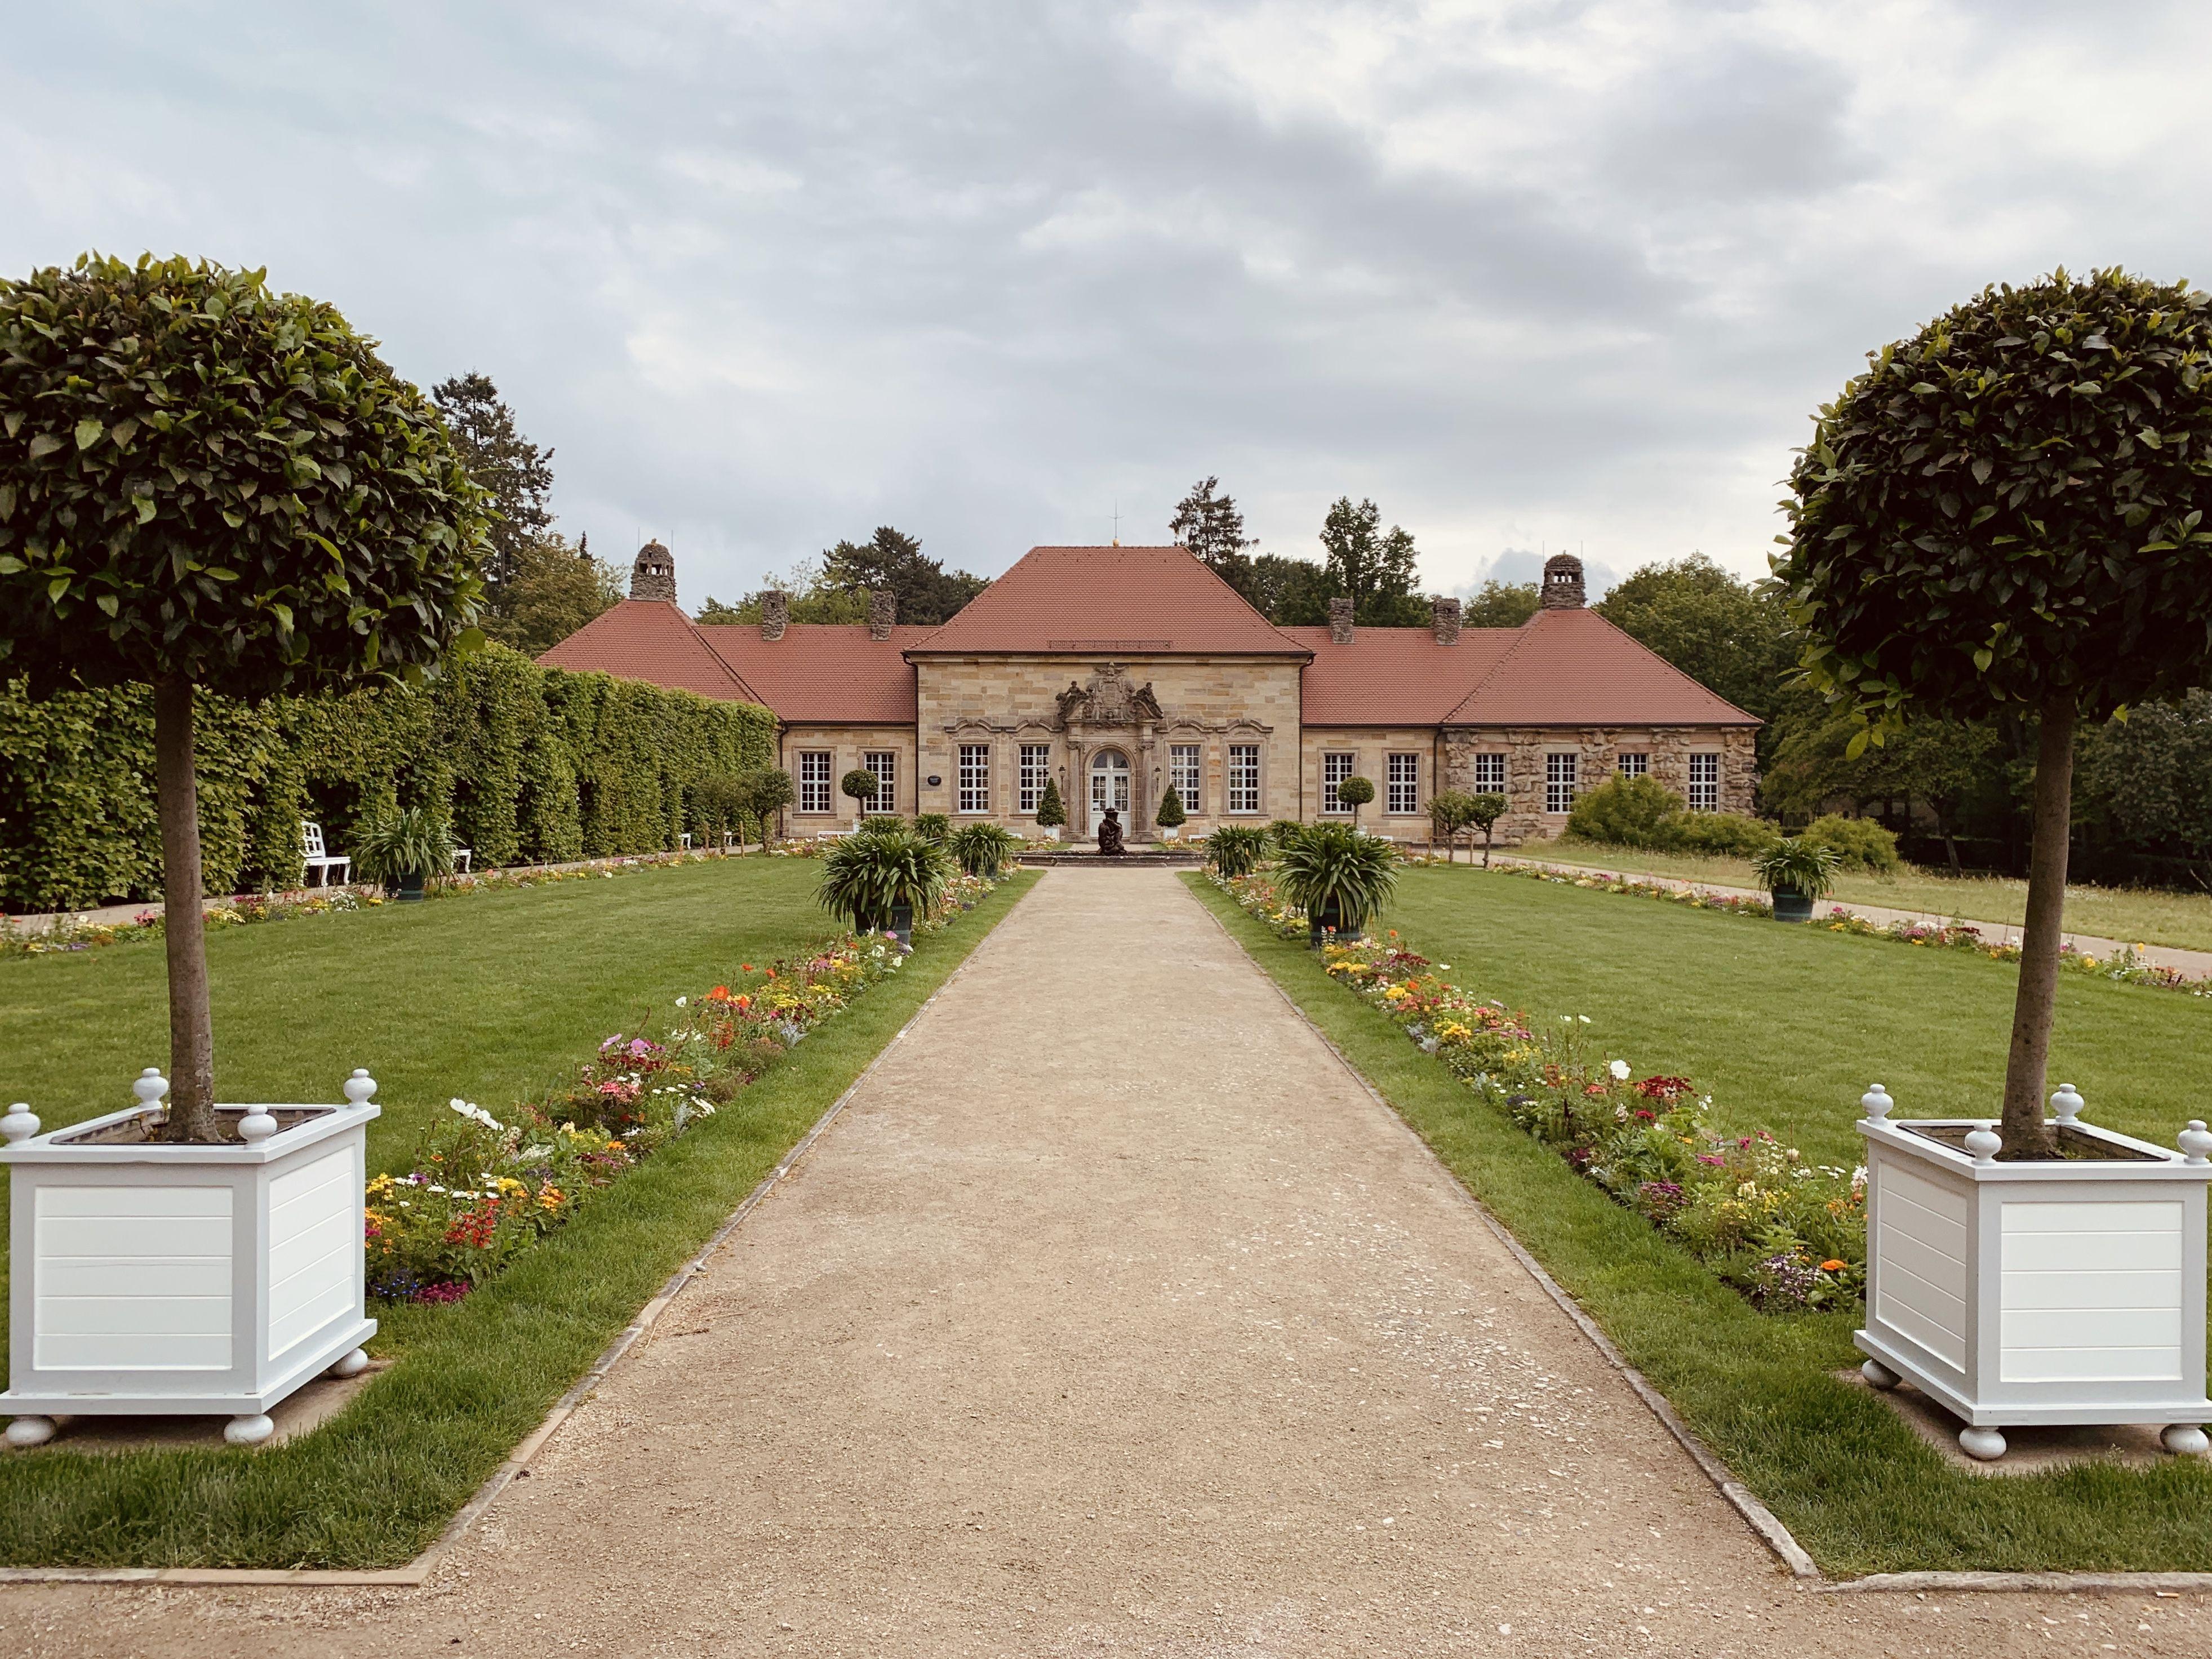 Altes Schloss In Der Eremitage In Bayreuth In 2020 Bayreuth Schweiz Reise Reisen